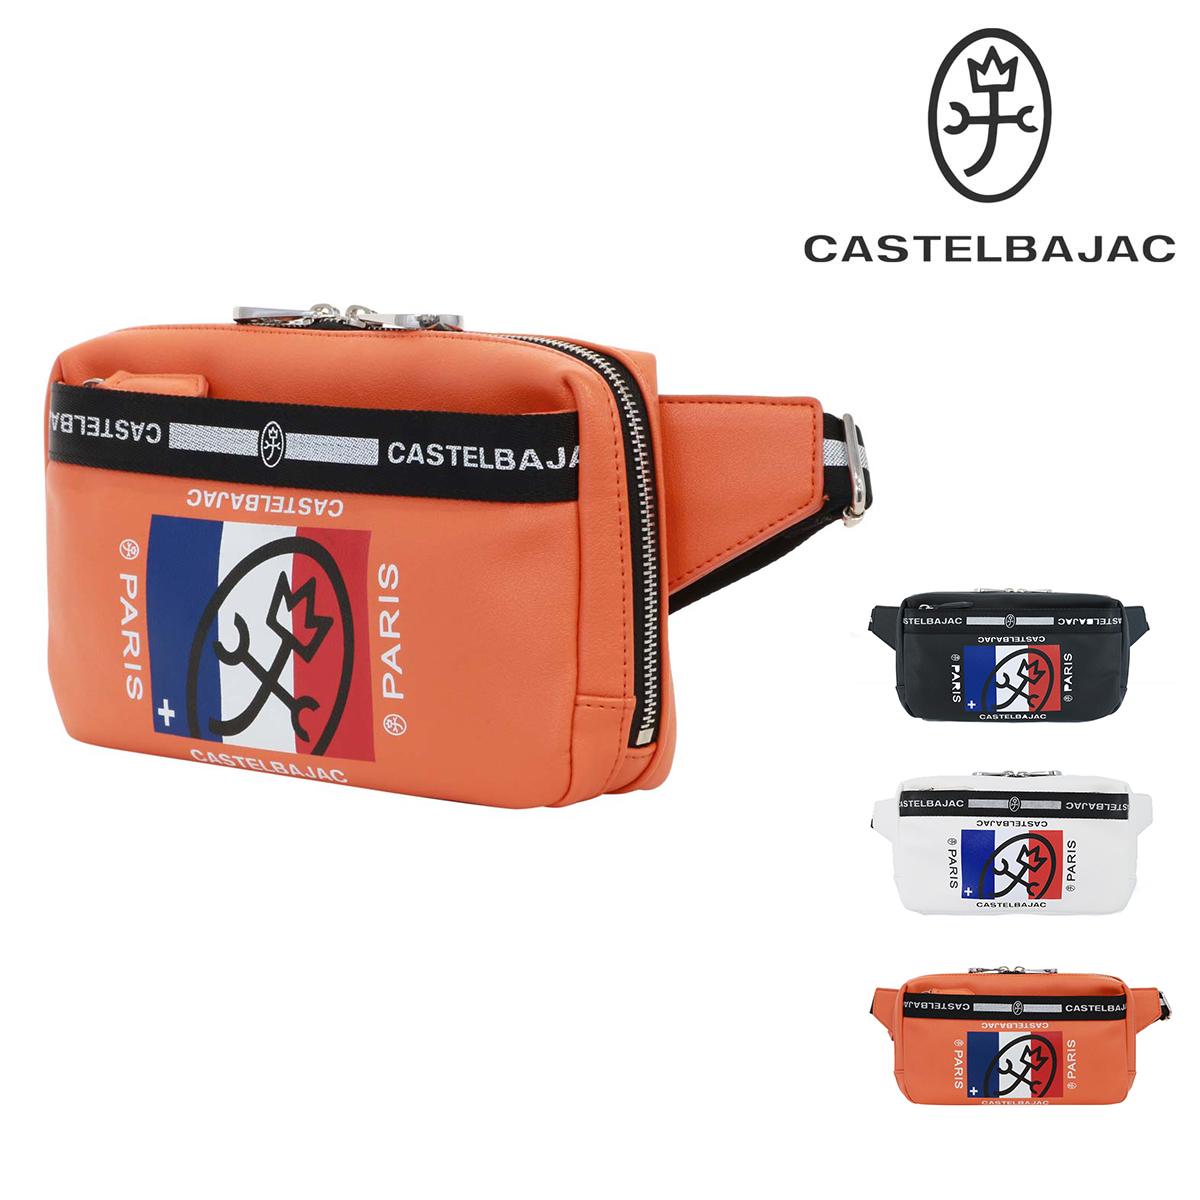 カステルバジャック ボディバッグ オッシュ メンズ 64901 CASTELBAJAC | ウエストバッグ ウエストポーチ [PO10][bef]